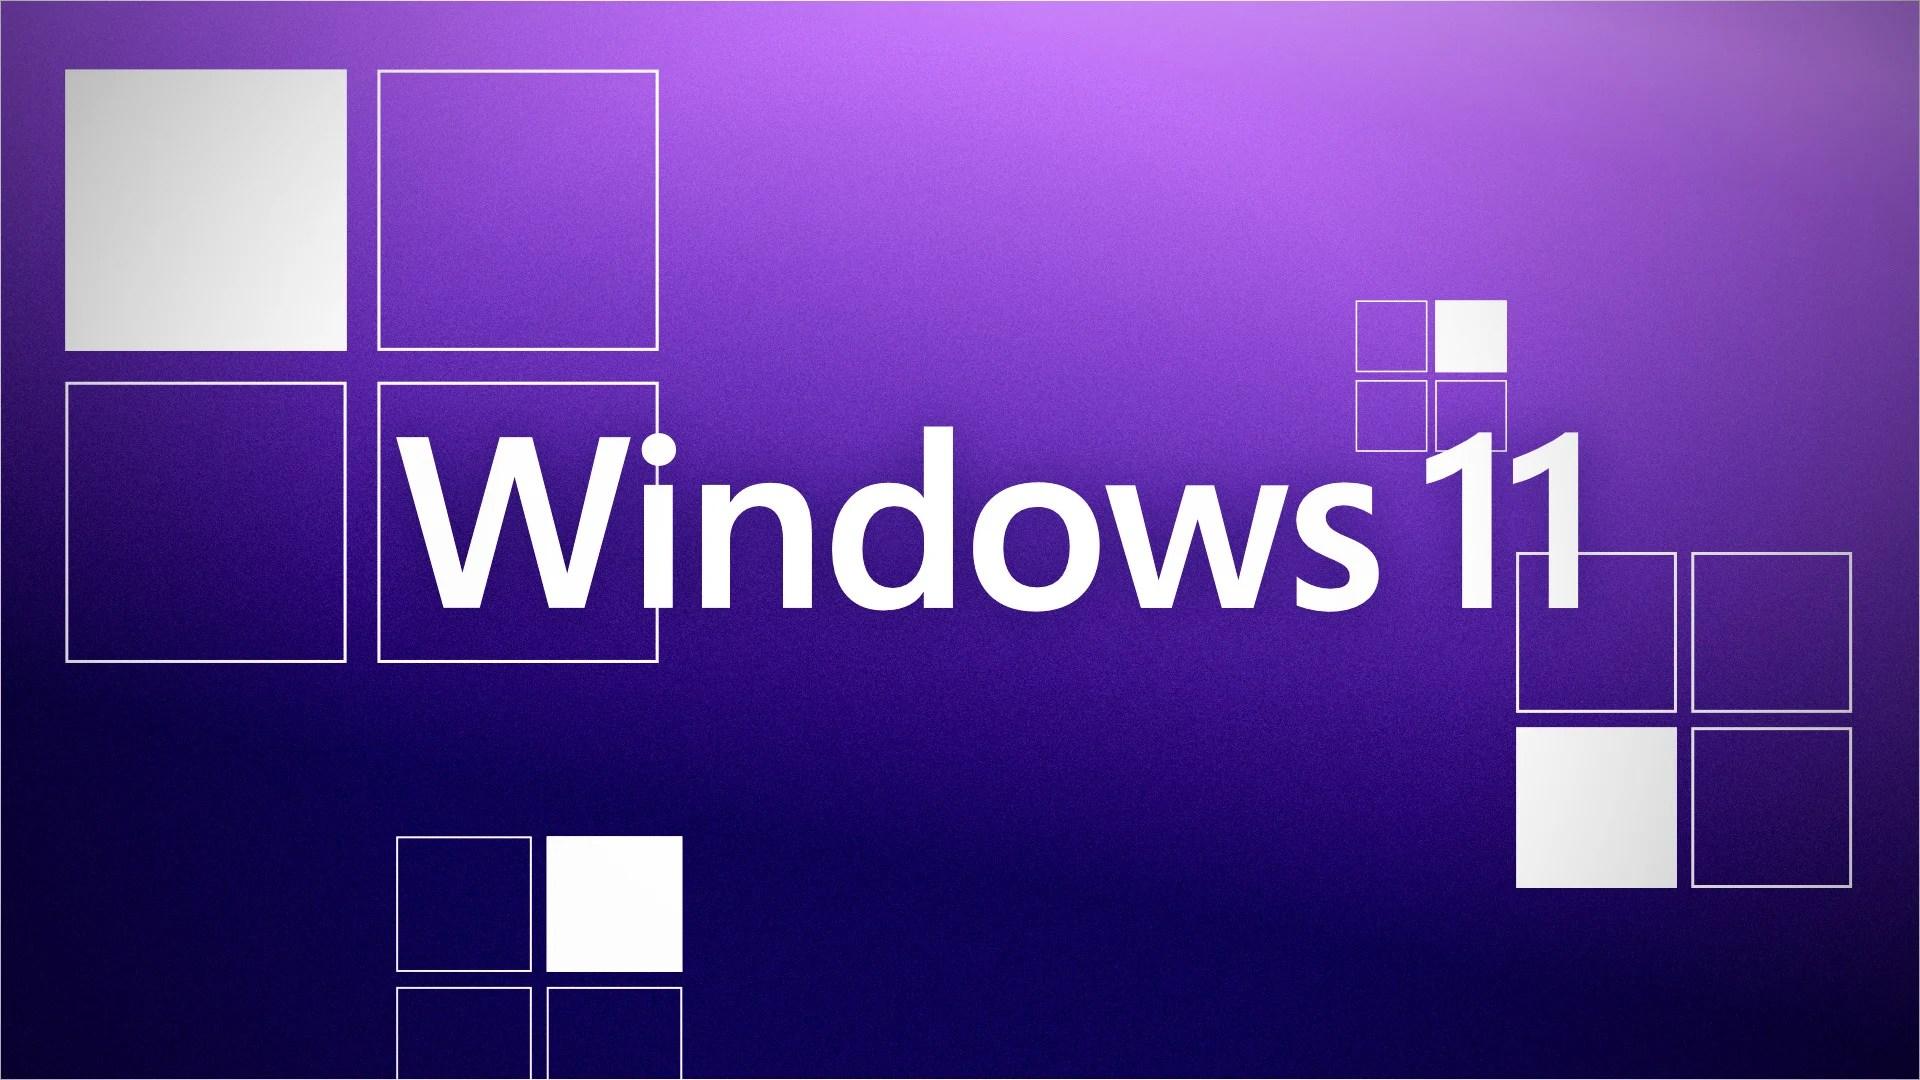 Windows 11 : comment installer la mise à jour sans attendre le déploiement